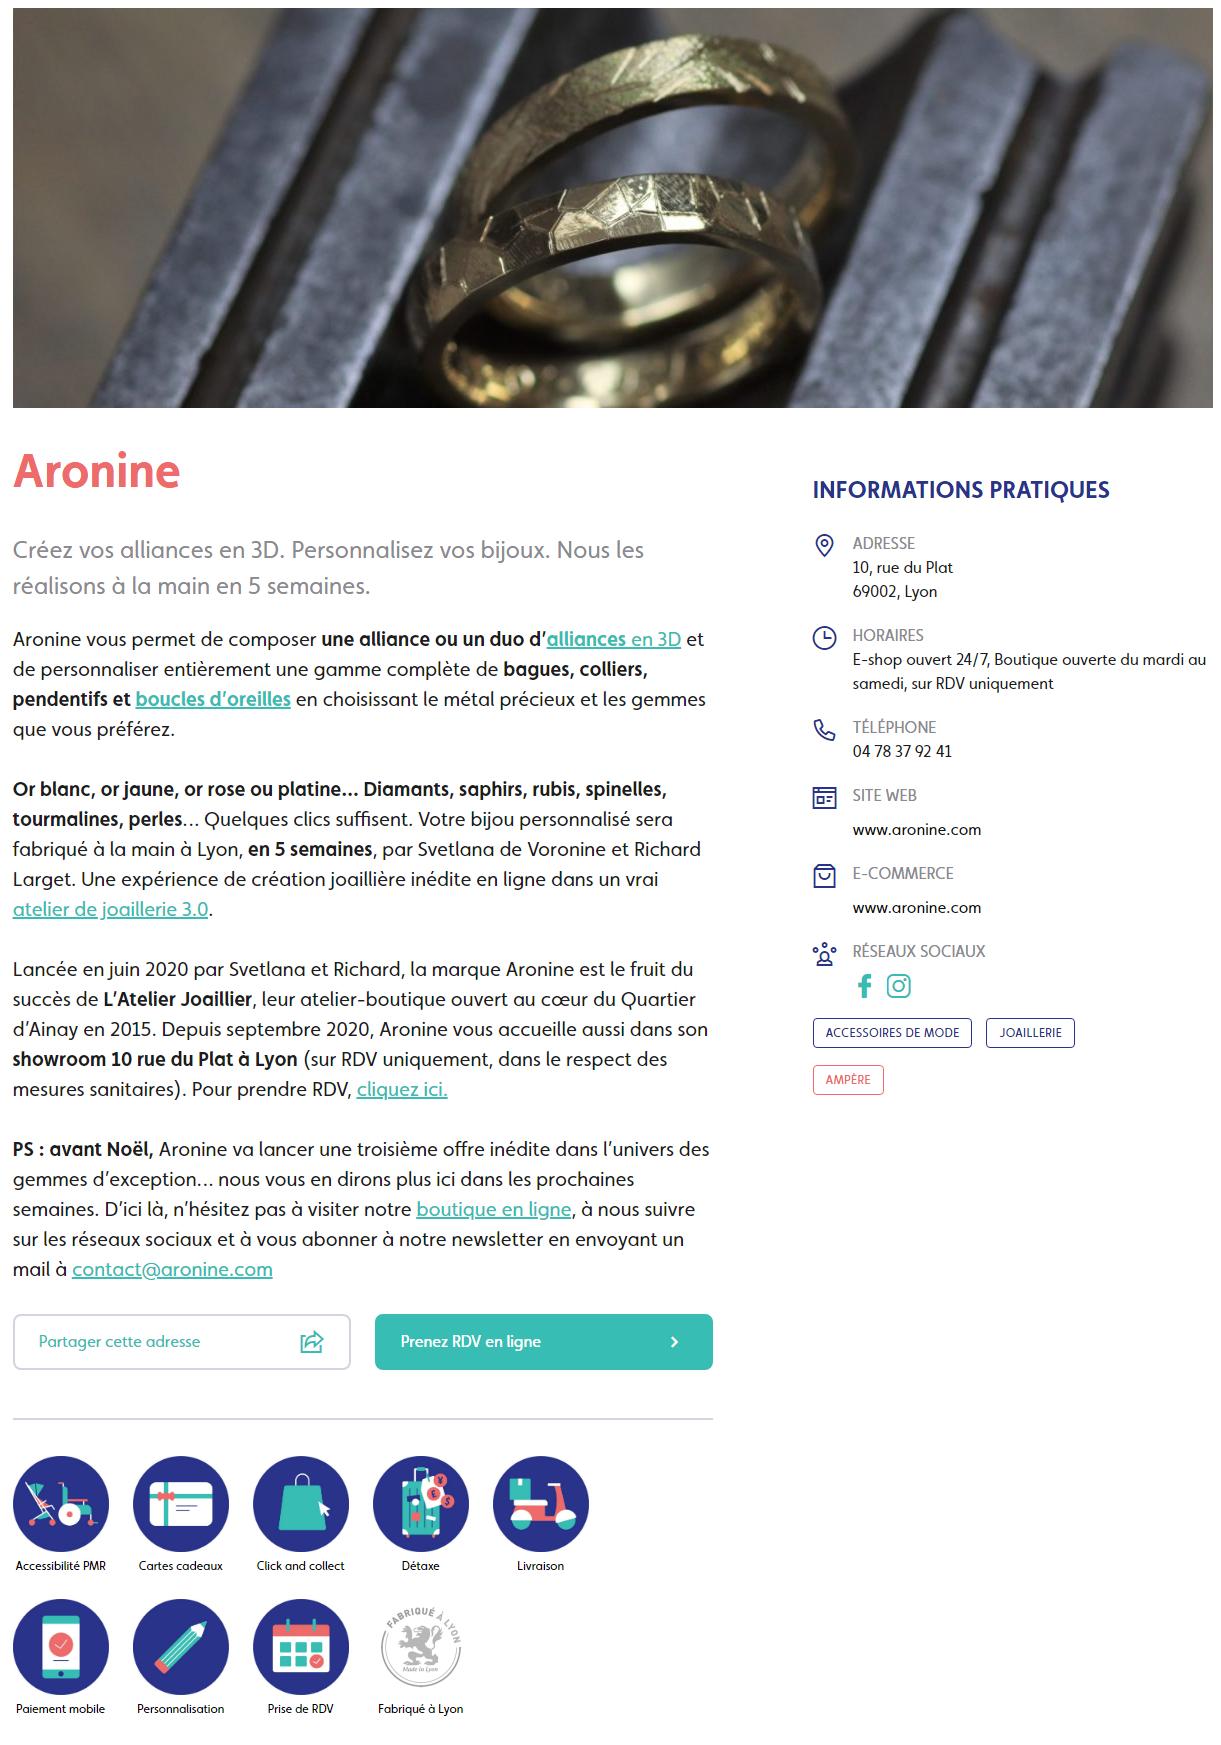 Click and Collect : Aronine figure désormais dans l'annuaire en ligne des commerçants du centre-ville historique lyonnais